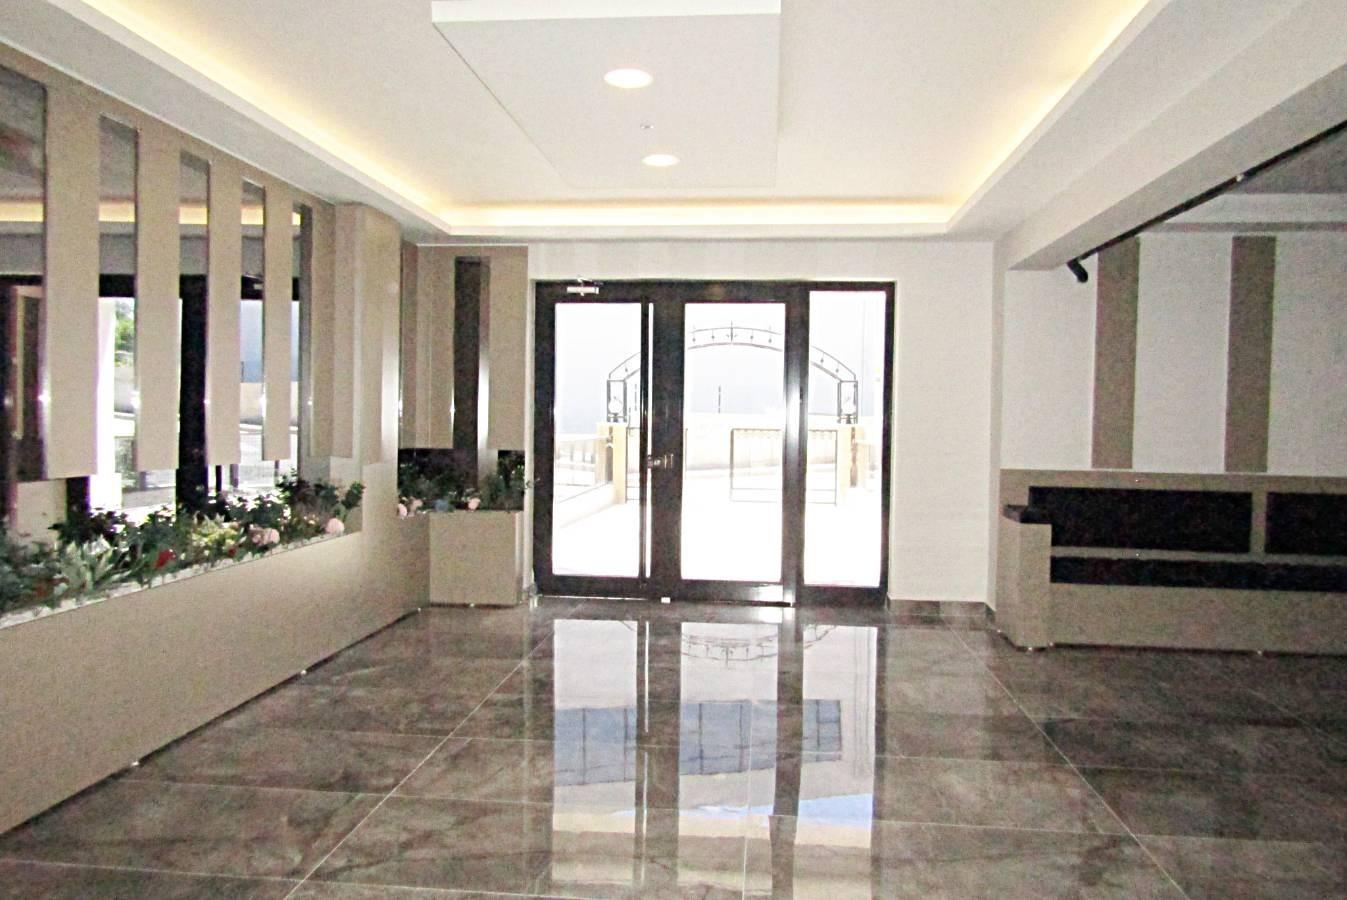 SR EMLAK'TAN ELVAN MAH'DE 3+1 140 m² FULL YAPILI GİYSİ ODALI ASANSÖRLÜ SİTEDE  SIFIR  DAİRE